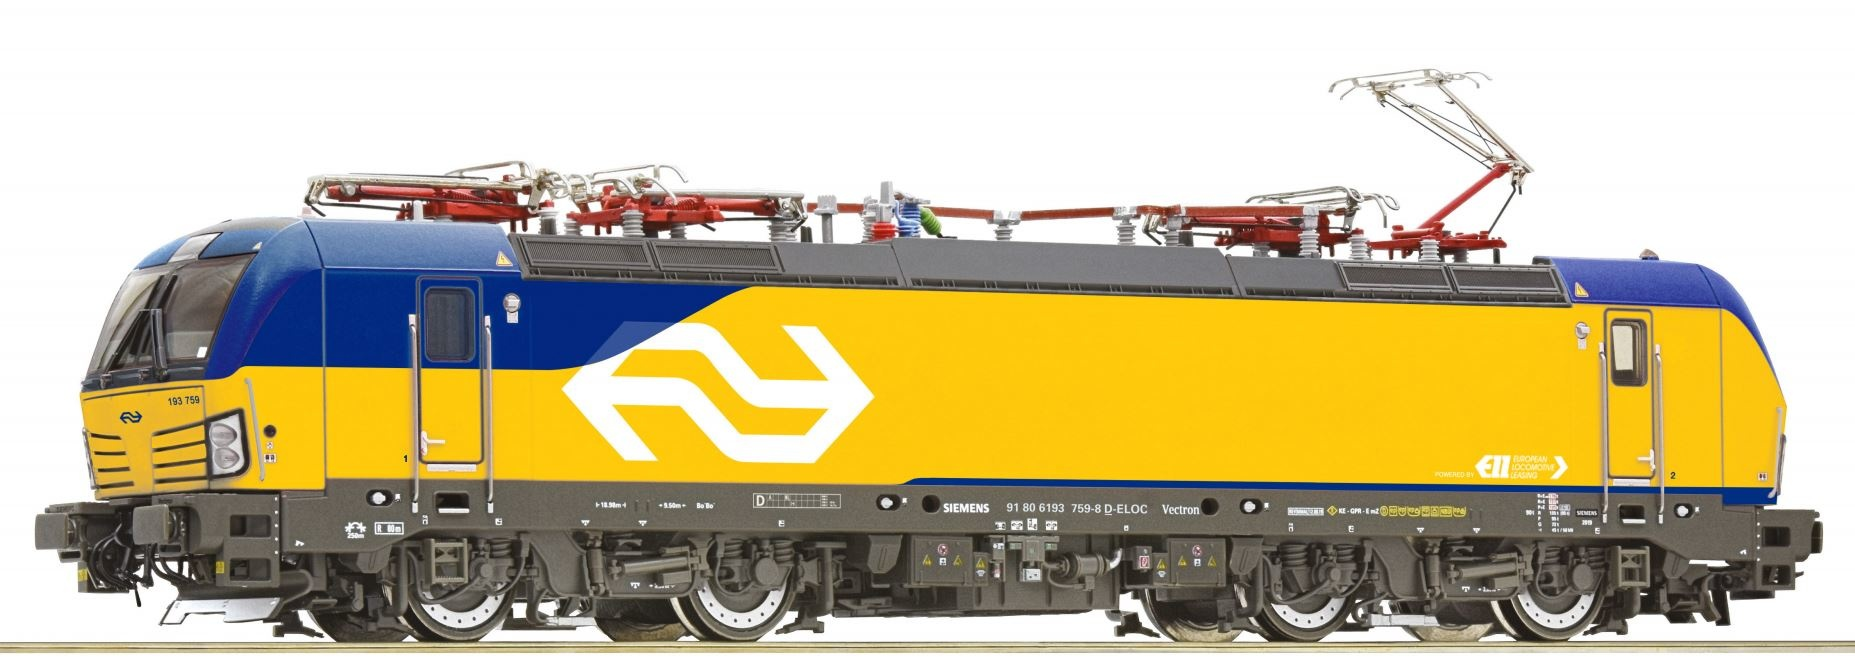 739282 Elektrische locomotief BR193 Vectron van de NS analoog-1